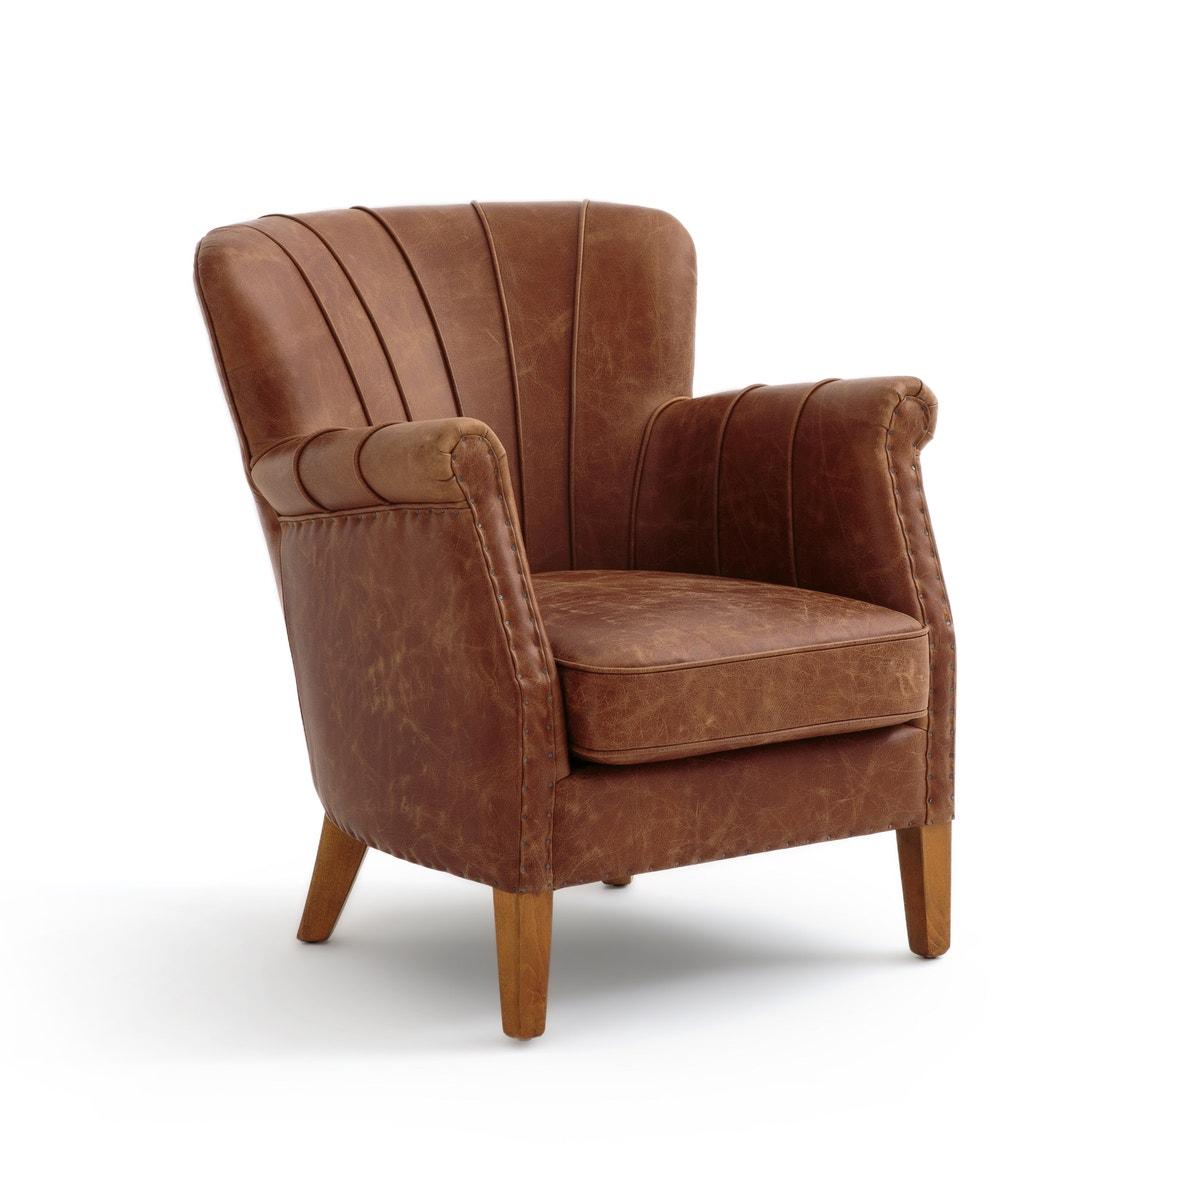 Δερμάτινη πολυθρόνα NOTTINGHAM σπιτι   έπιπλα   καρέκλες